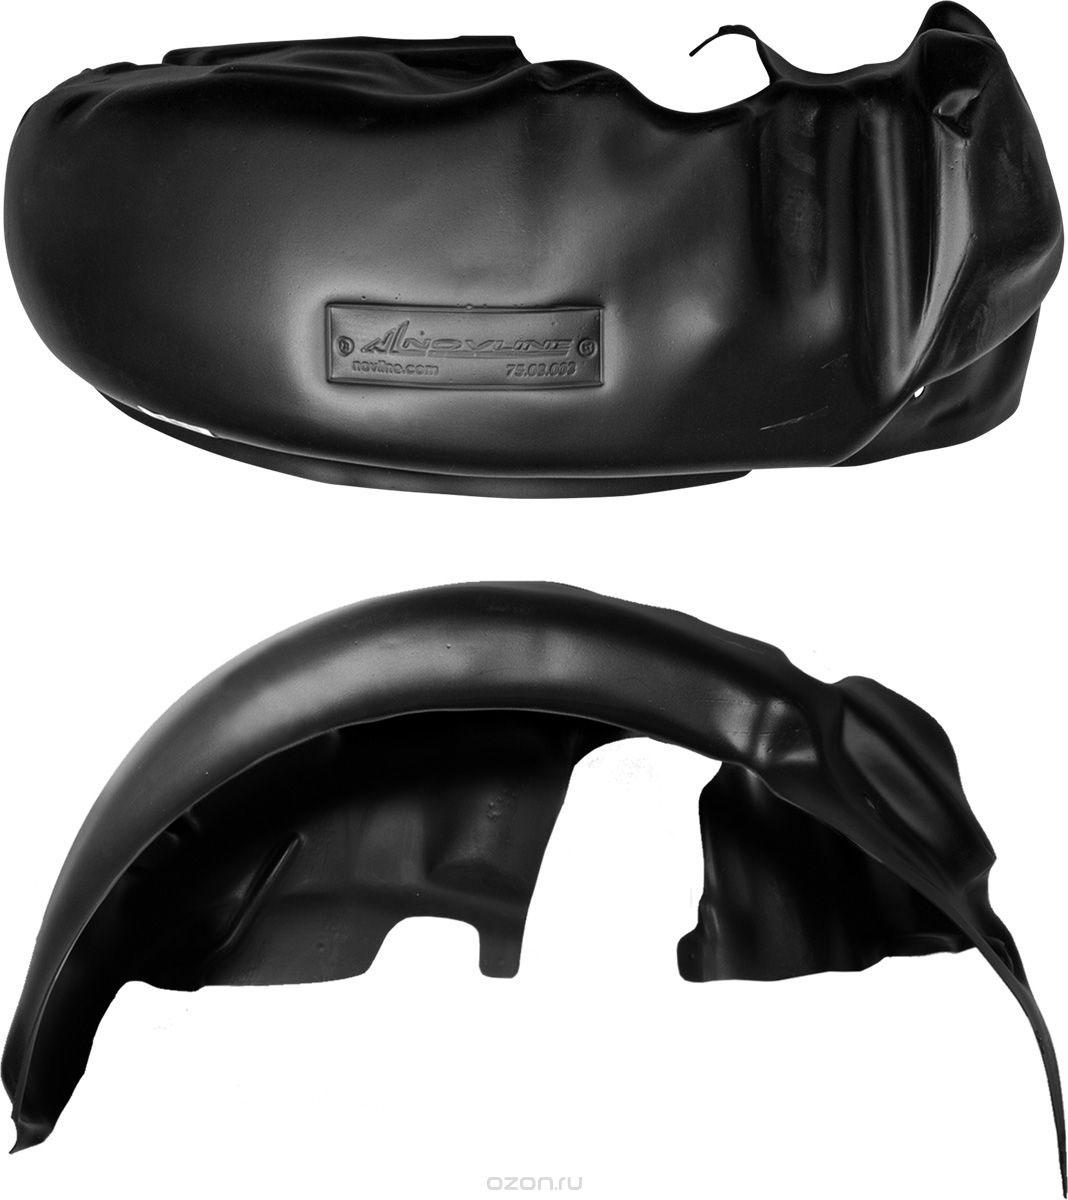 Подкрылок Novline-Autofamily, для Toyota Corolla, 01/2007-2010, 2010-2013, задний правыйNLL.48.15.004Идеальная защита колесной ниши. Локеры разработаны с применением цифровых технологий, гарантируют максимальную повторяемость поверхности арки. Изделия устанавливаются без нарушения лакокрасочного покрытия автомобиля, каждый подкрылок комплектуется крепежом. Уважаемые клиенты, обращаем ваше внимание, что фотографии на подкрылки универсальные и не отражают реальную форму изделия. При этом само изделие идет точно под размер указанного автомобиля.